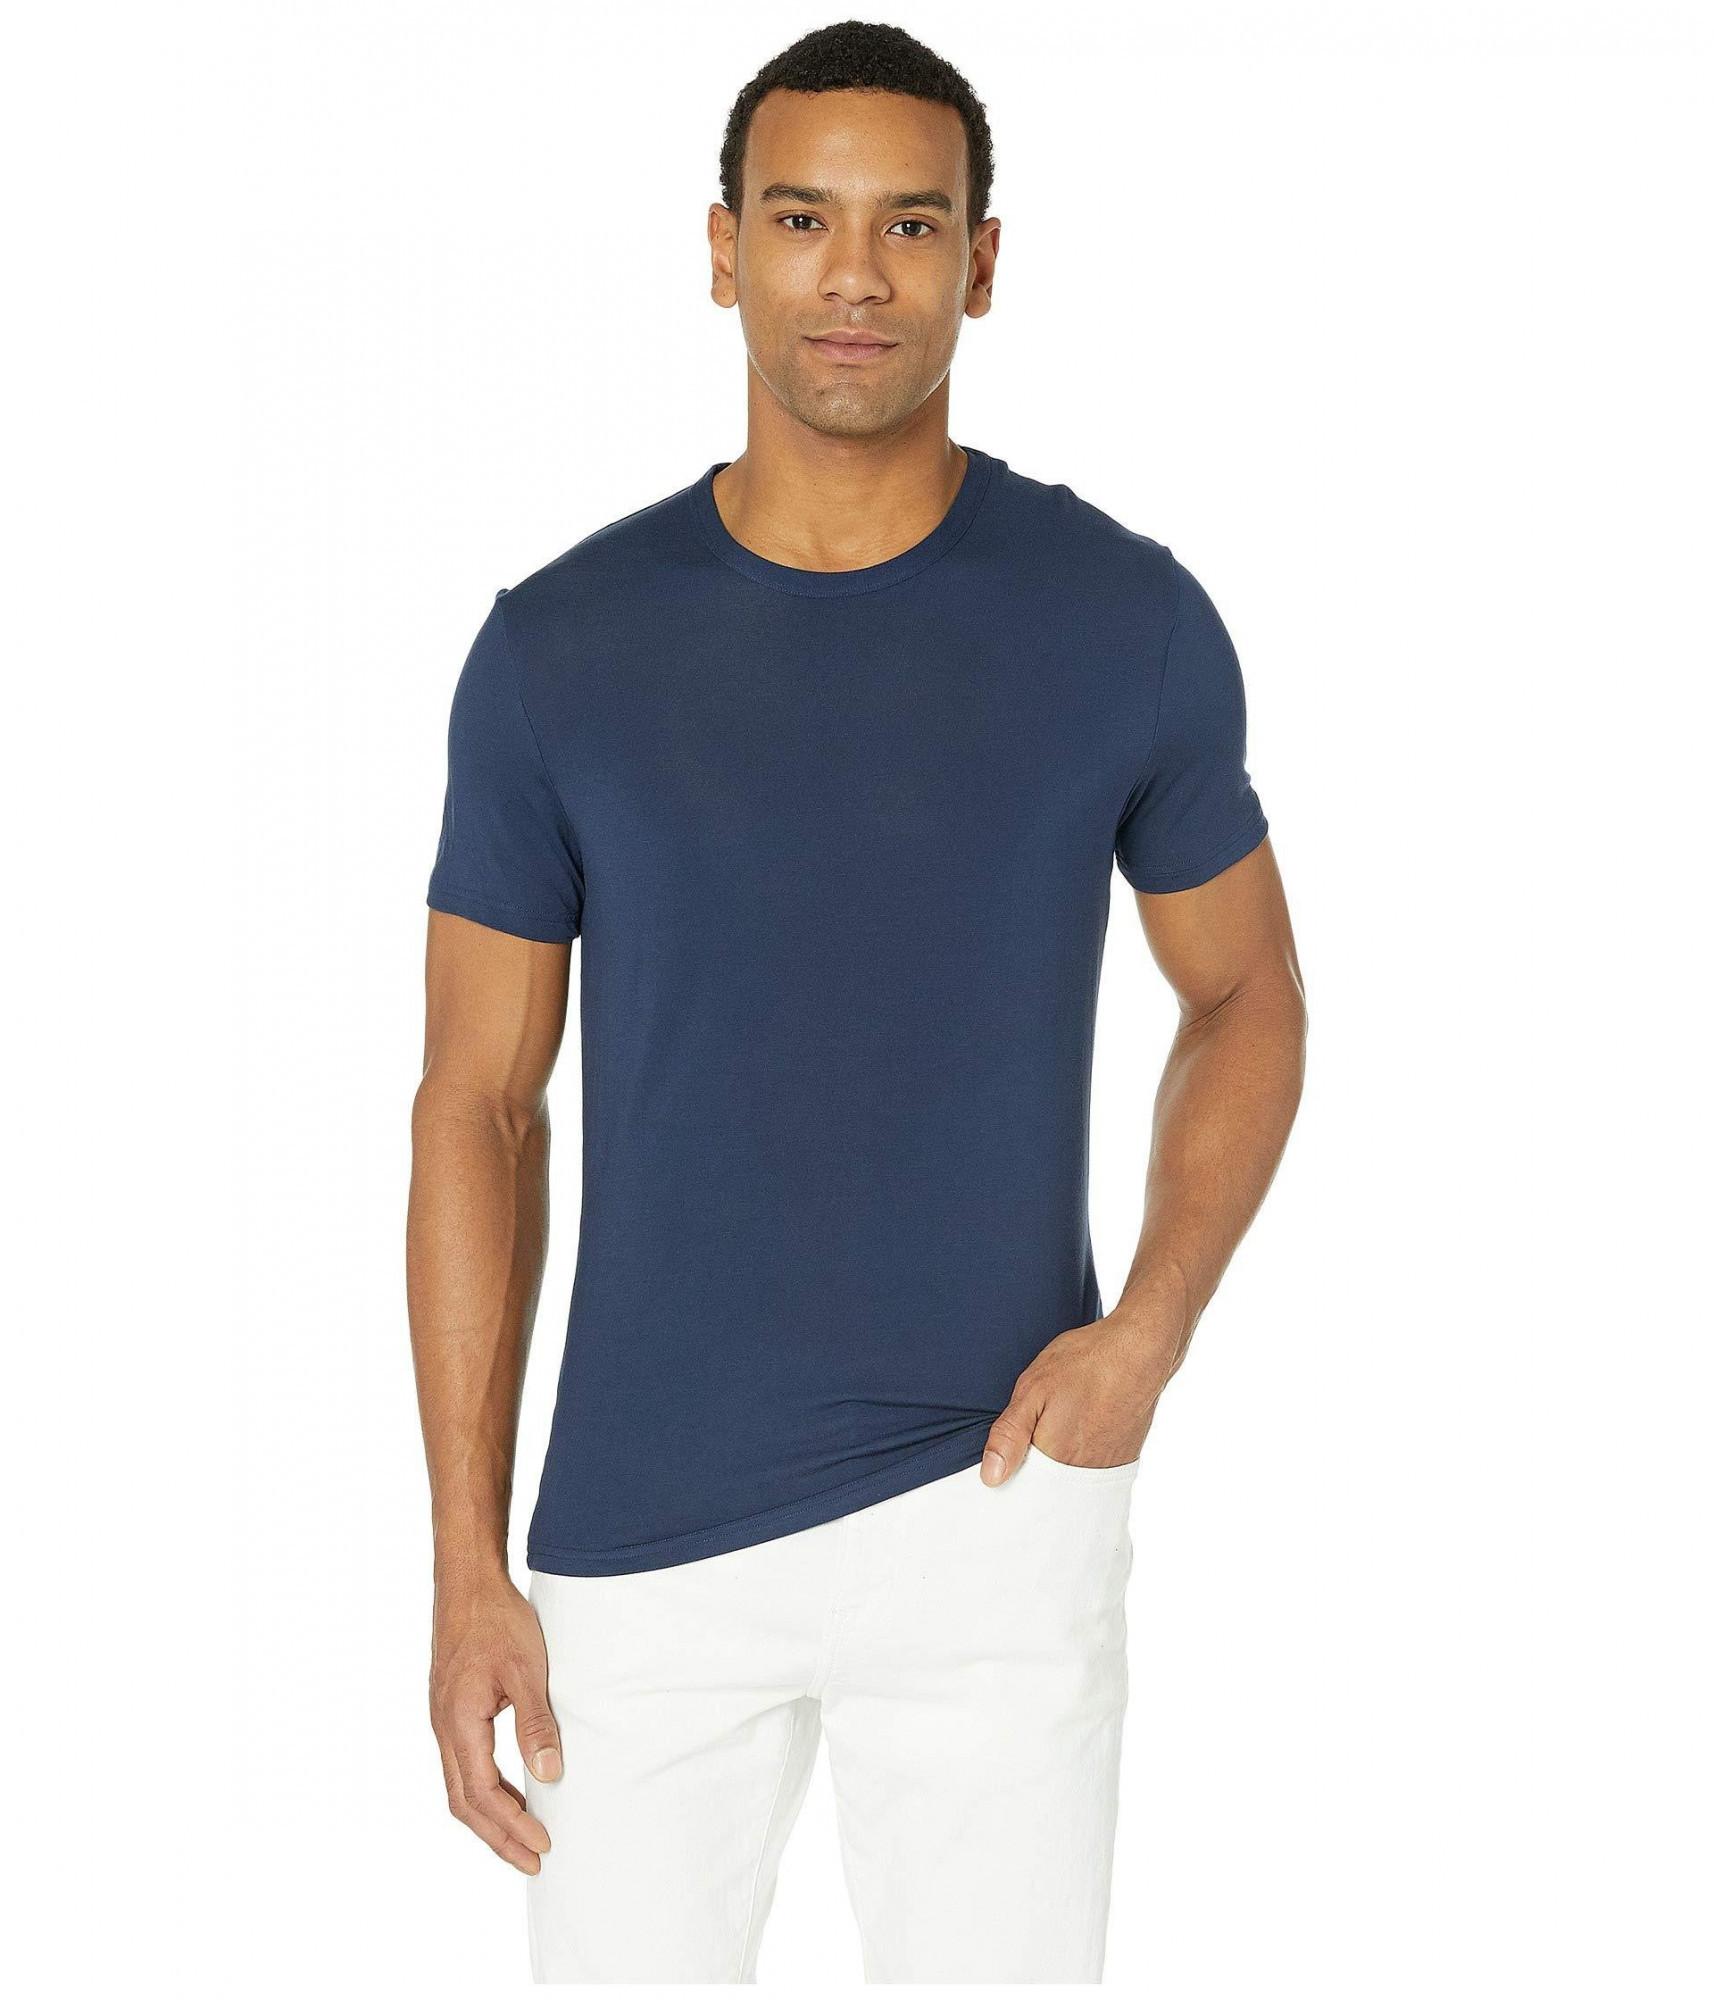 Pánske ultra-soft tričko NM1658E C9K kráľovská modrá - Calvin Klein kráľovská modrá L